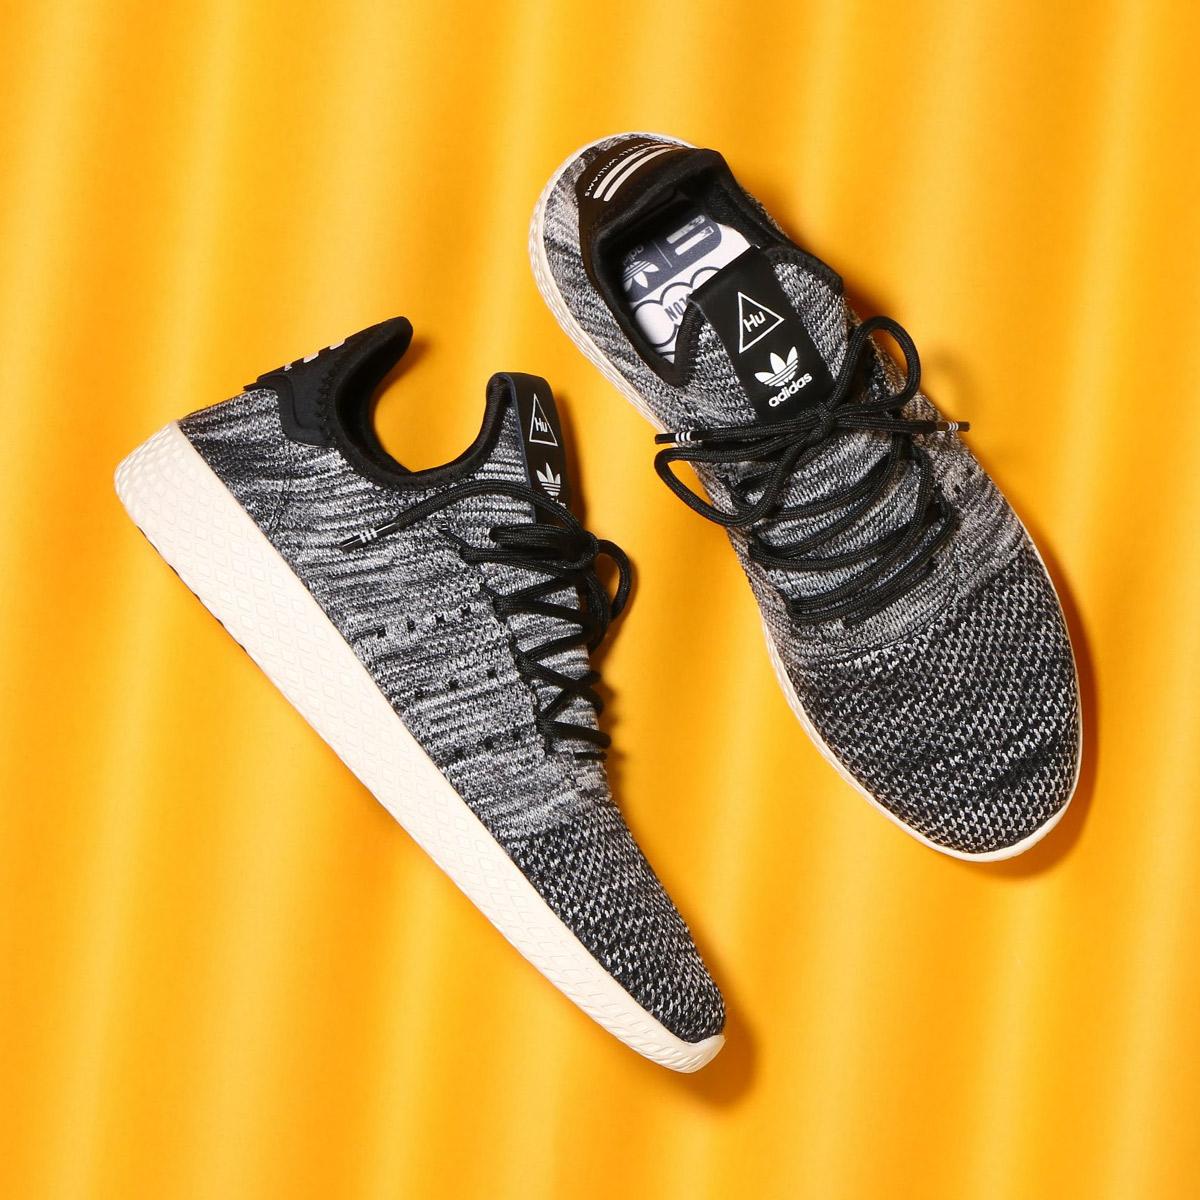 【期間限定】 adidas Black Originals PW/ TENNIS HU Chalk PK(アディダス オリジナルス ファレル ウィリアムス テニス HU PK) Chalk White/ Core Black/ Running White18SP-S, 産直グルメギフト専門店ギフチョク:4d3a8c7c --- paulogalvao.com